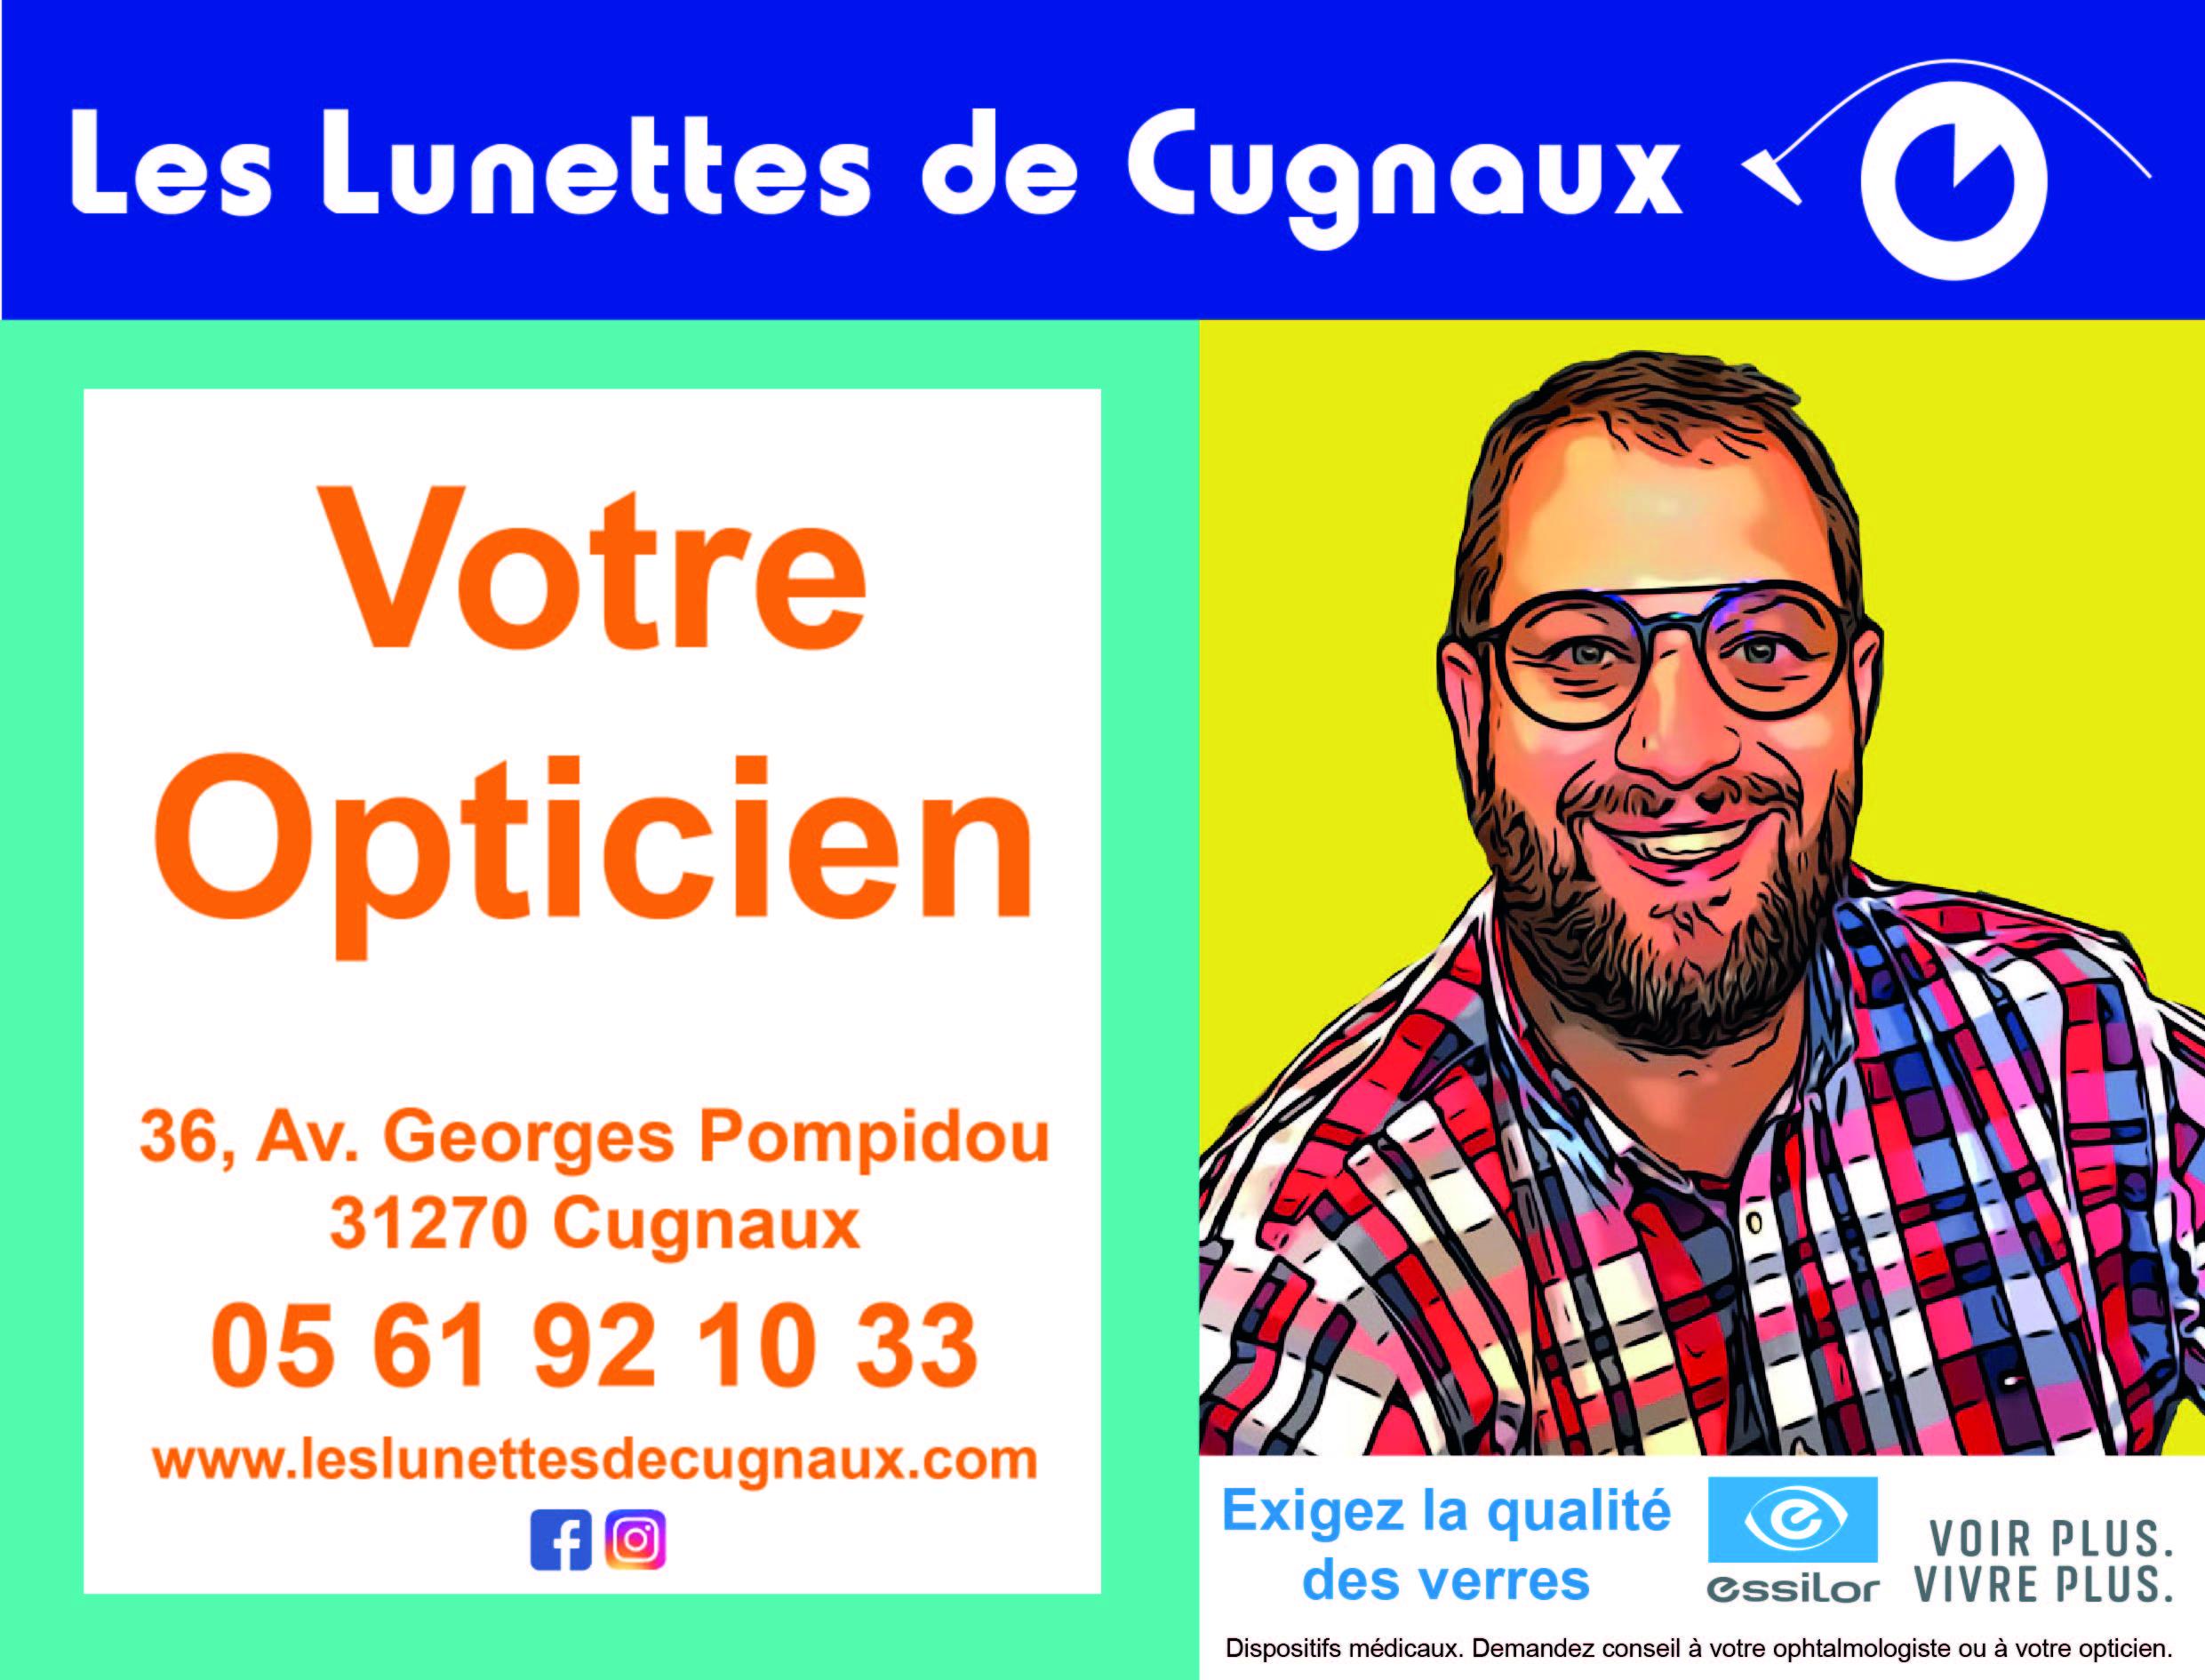 Lunettes Ma De Opticiens Vue Mes Les Cugnaux dCeoxB